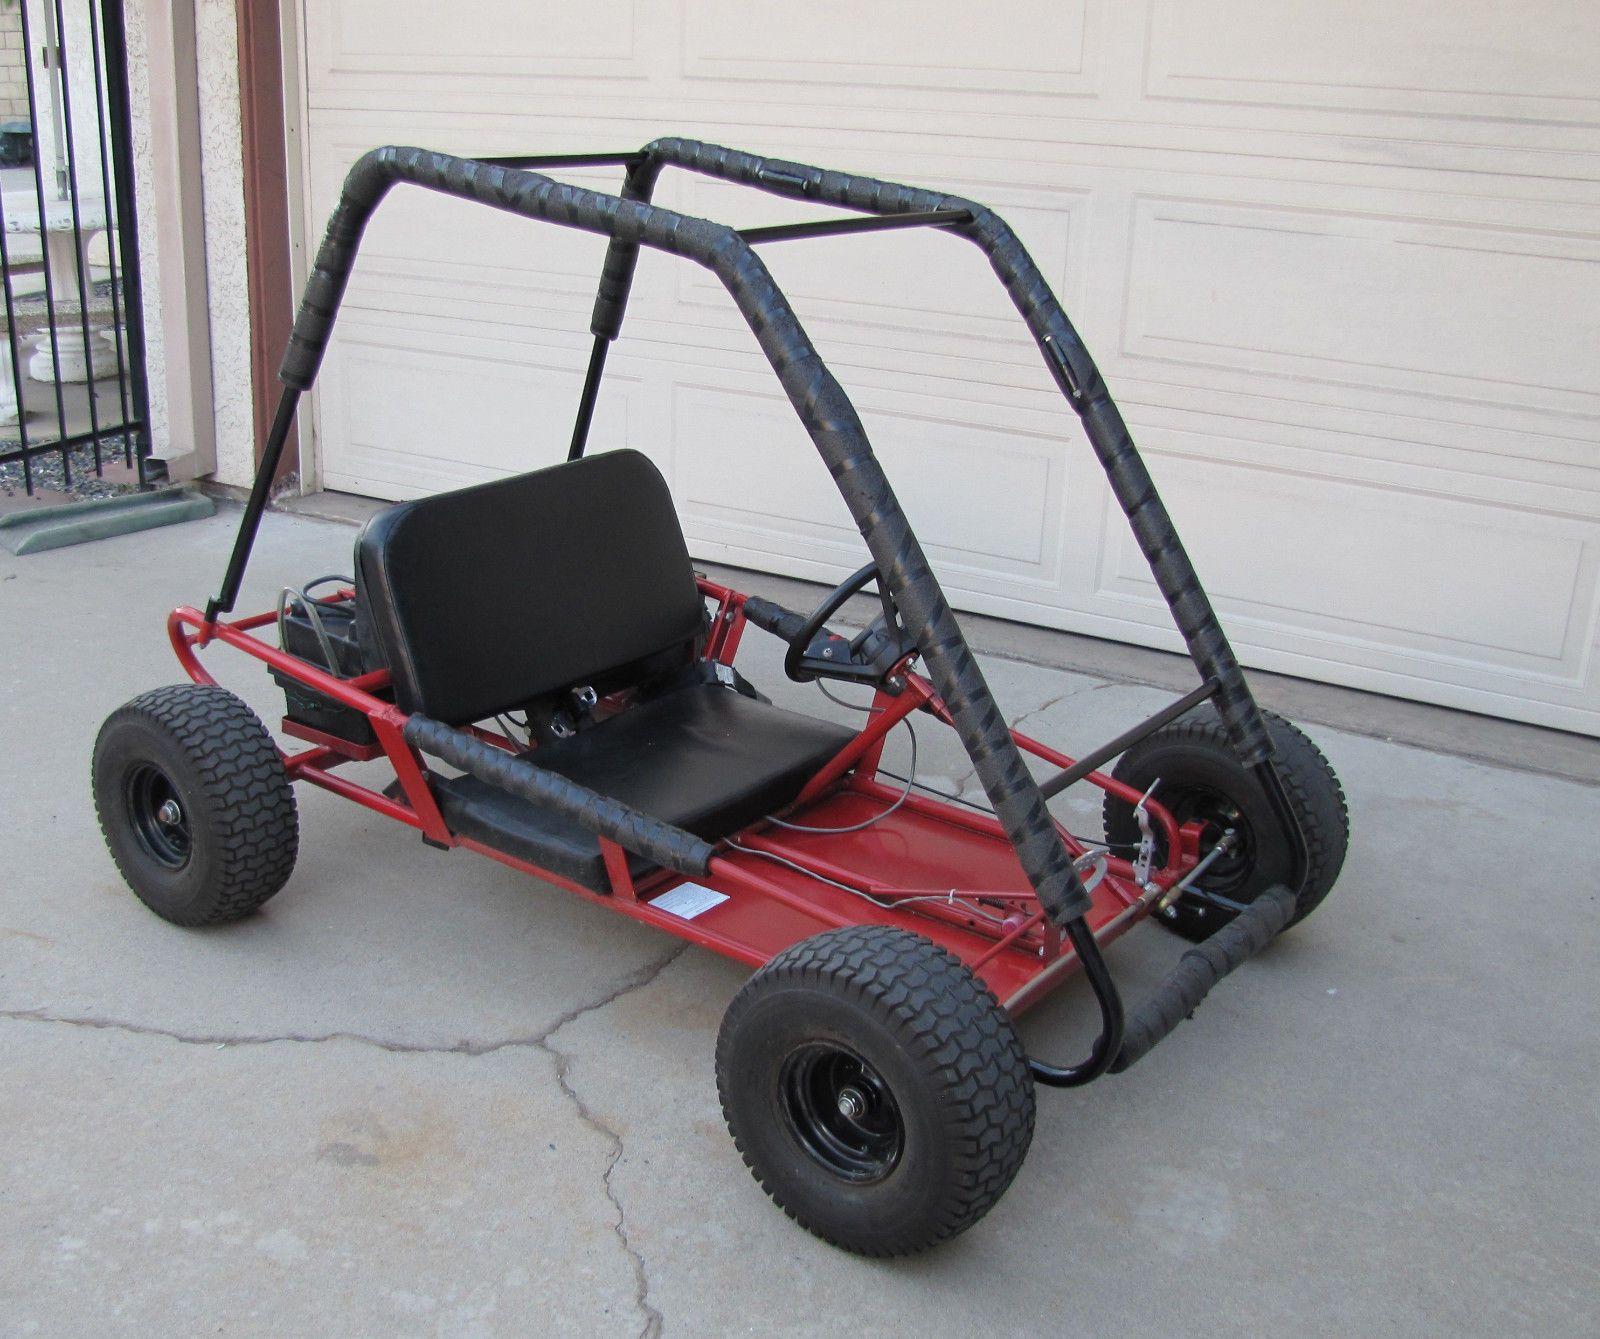 details about working kango electric go kart go cart atv. Black Bedroom Furniture Sets. Home Design Ideas